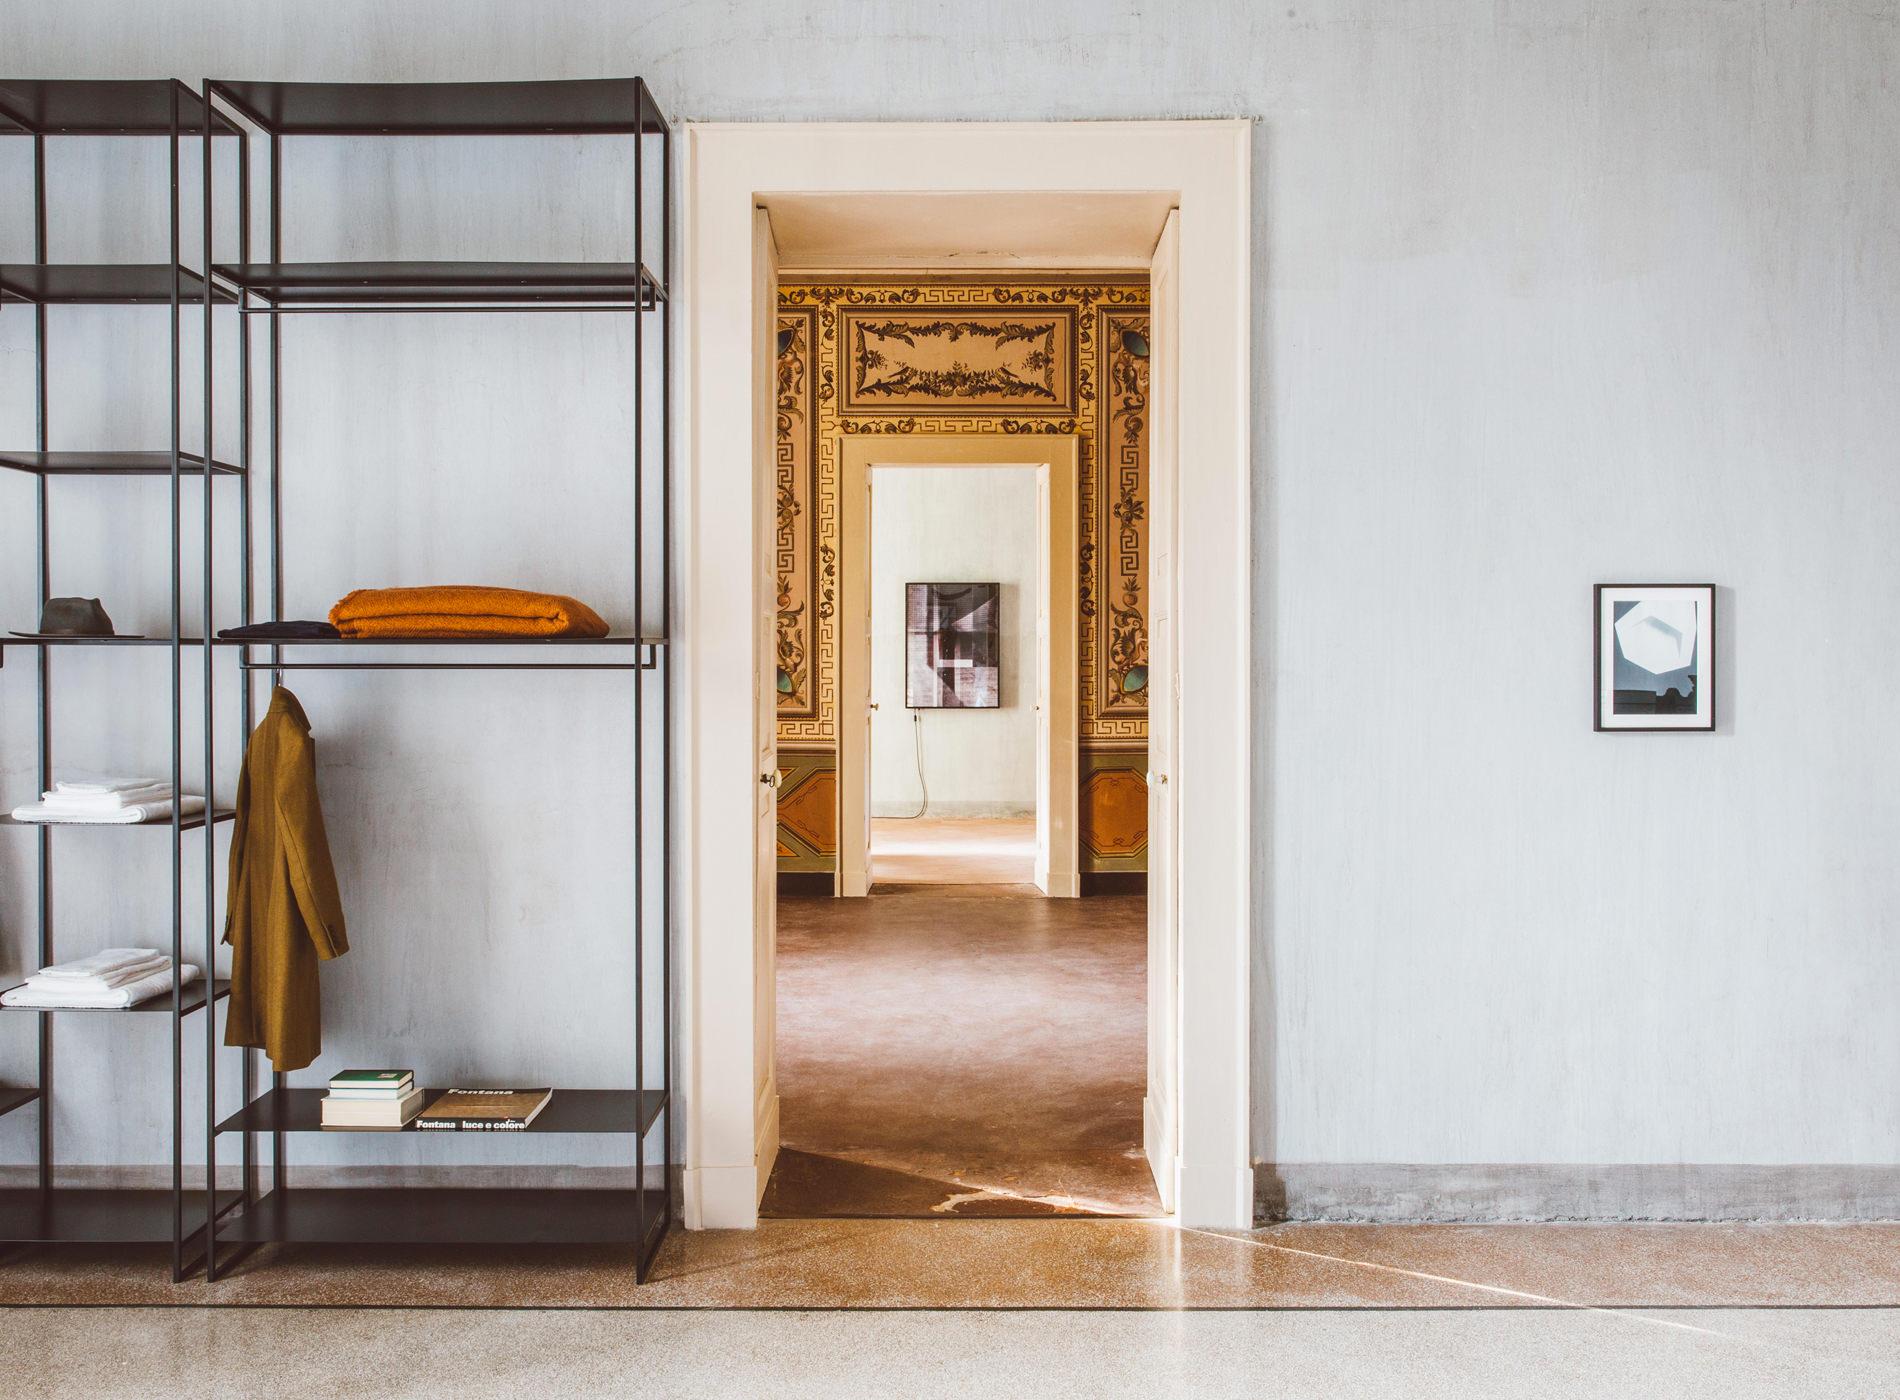 Hôtel Pouilles Italie Palazzo Daniele Gagliano Del Capo